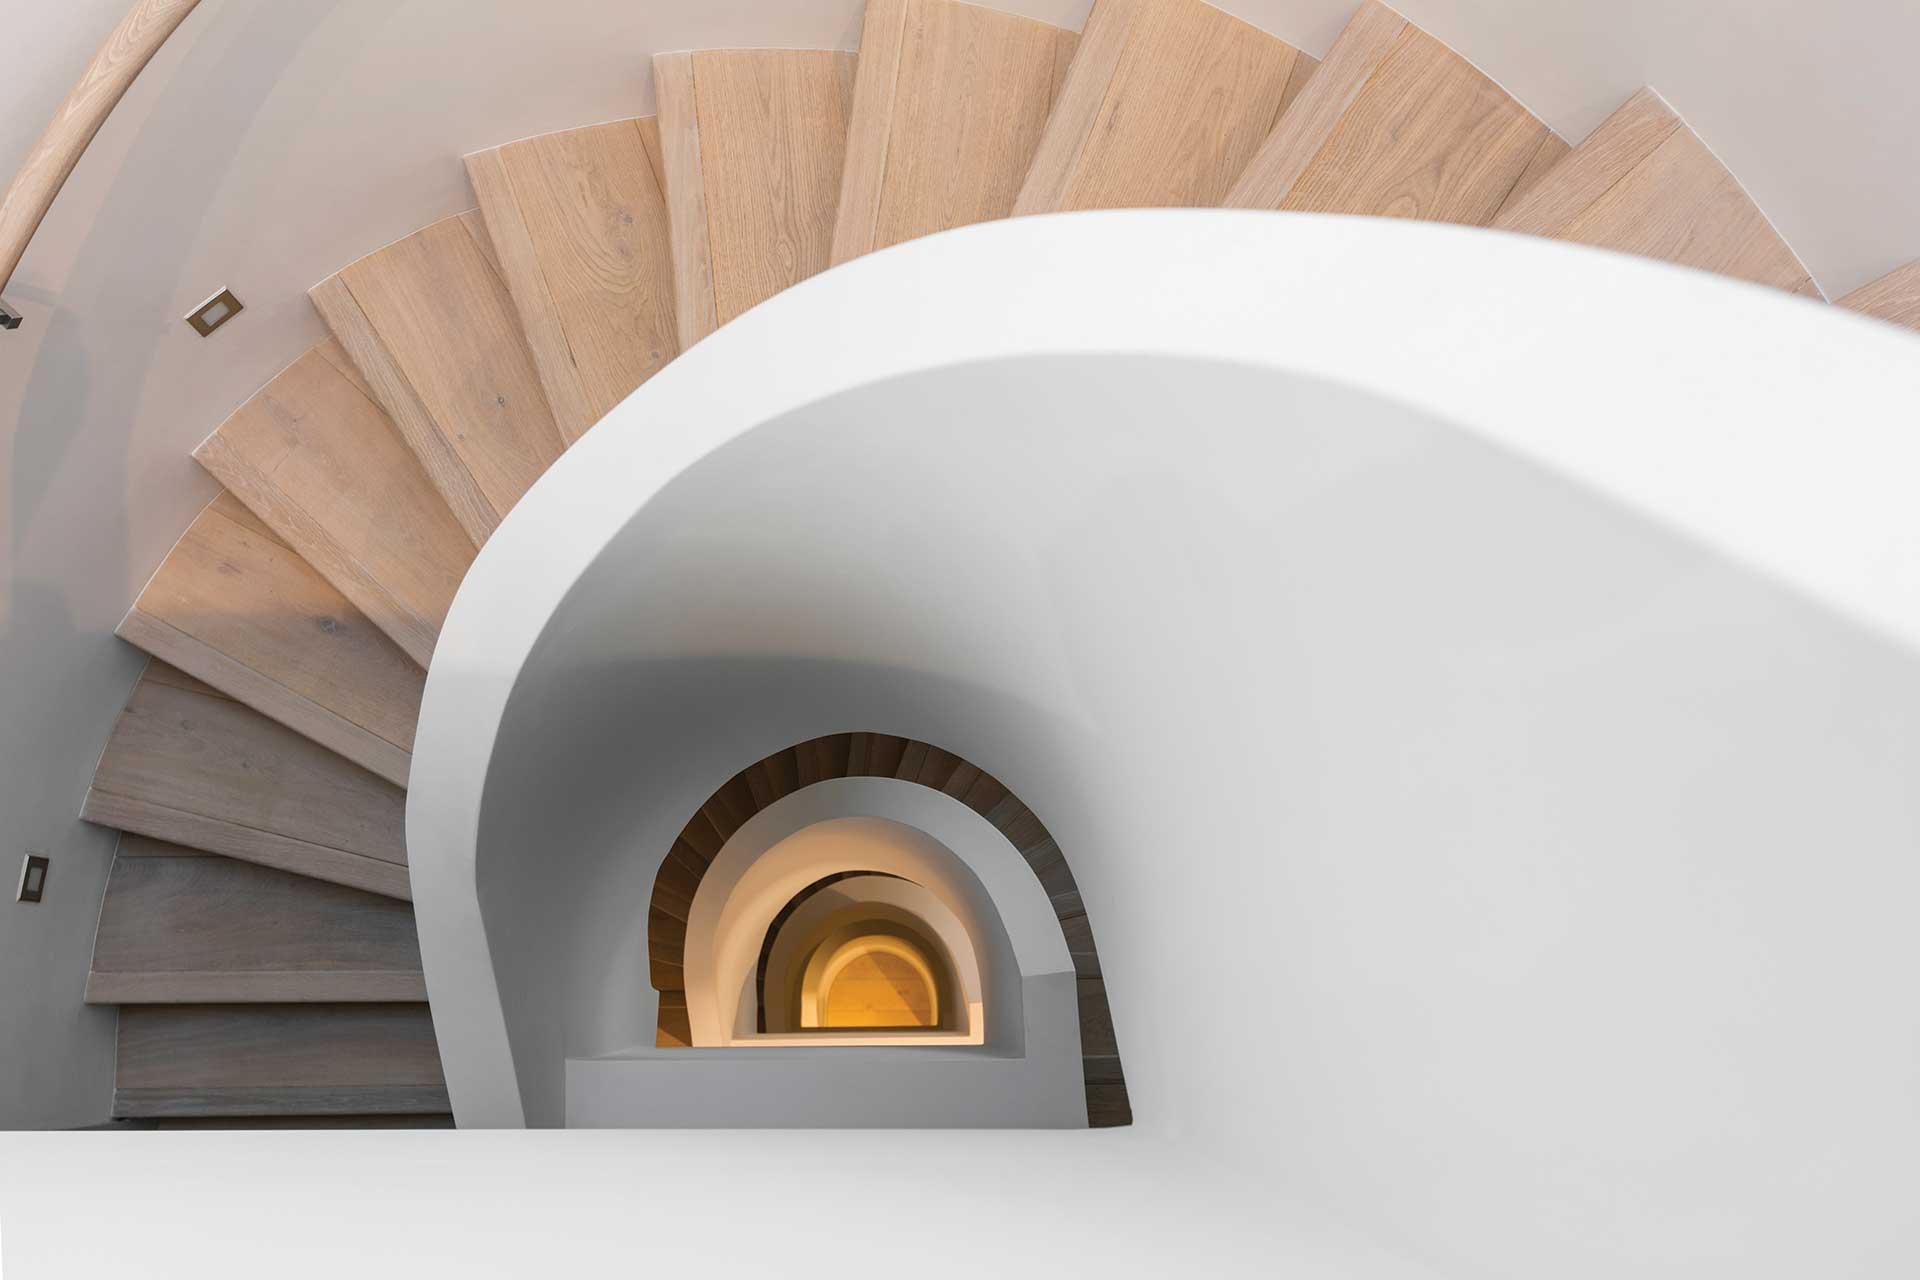 Ladbroke Grove stairs